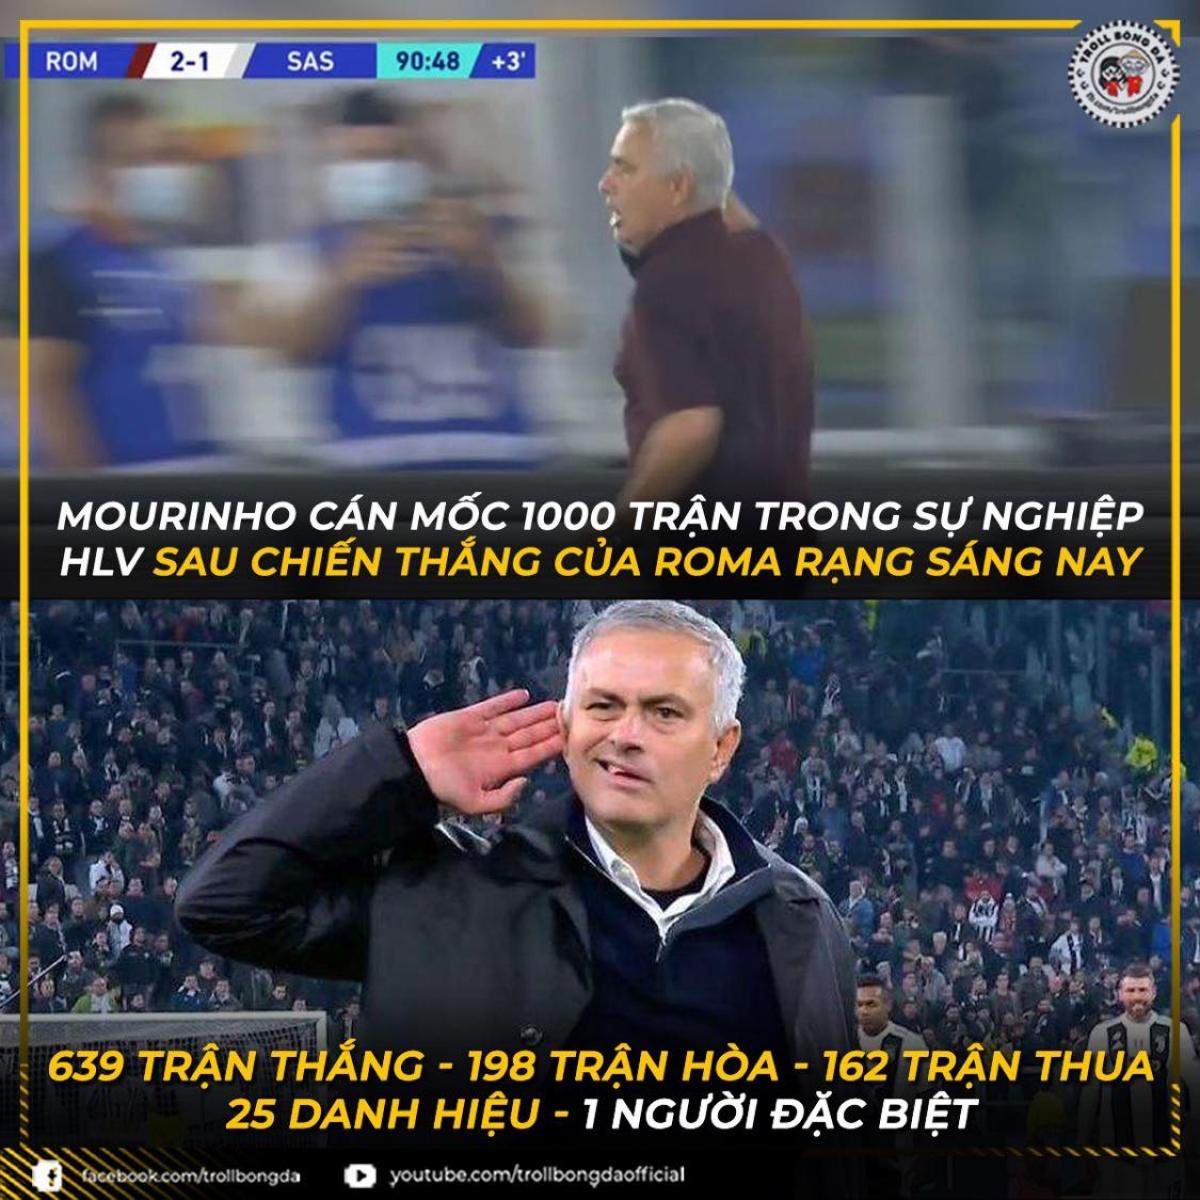 HLV Mourinho cán mốc 1000 trận đấu trong sự nghiệp huấn luyện. (Ảnh: Troll bóng đá).